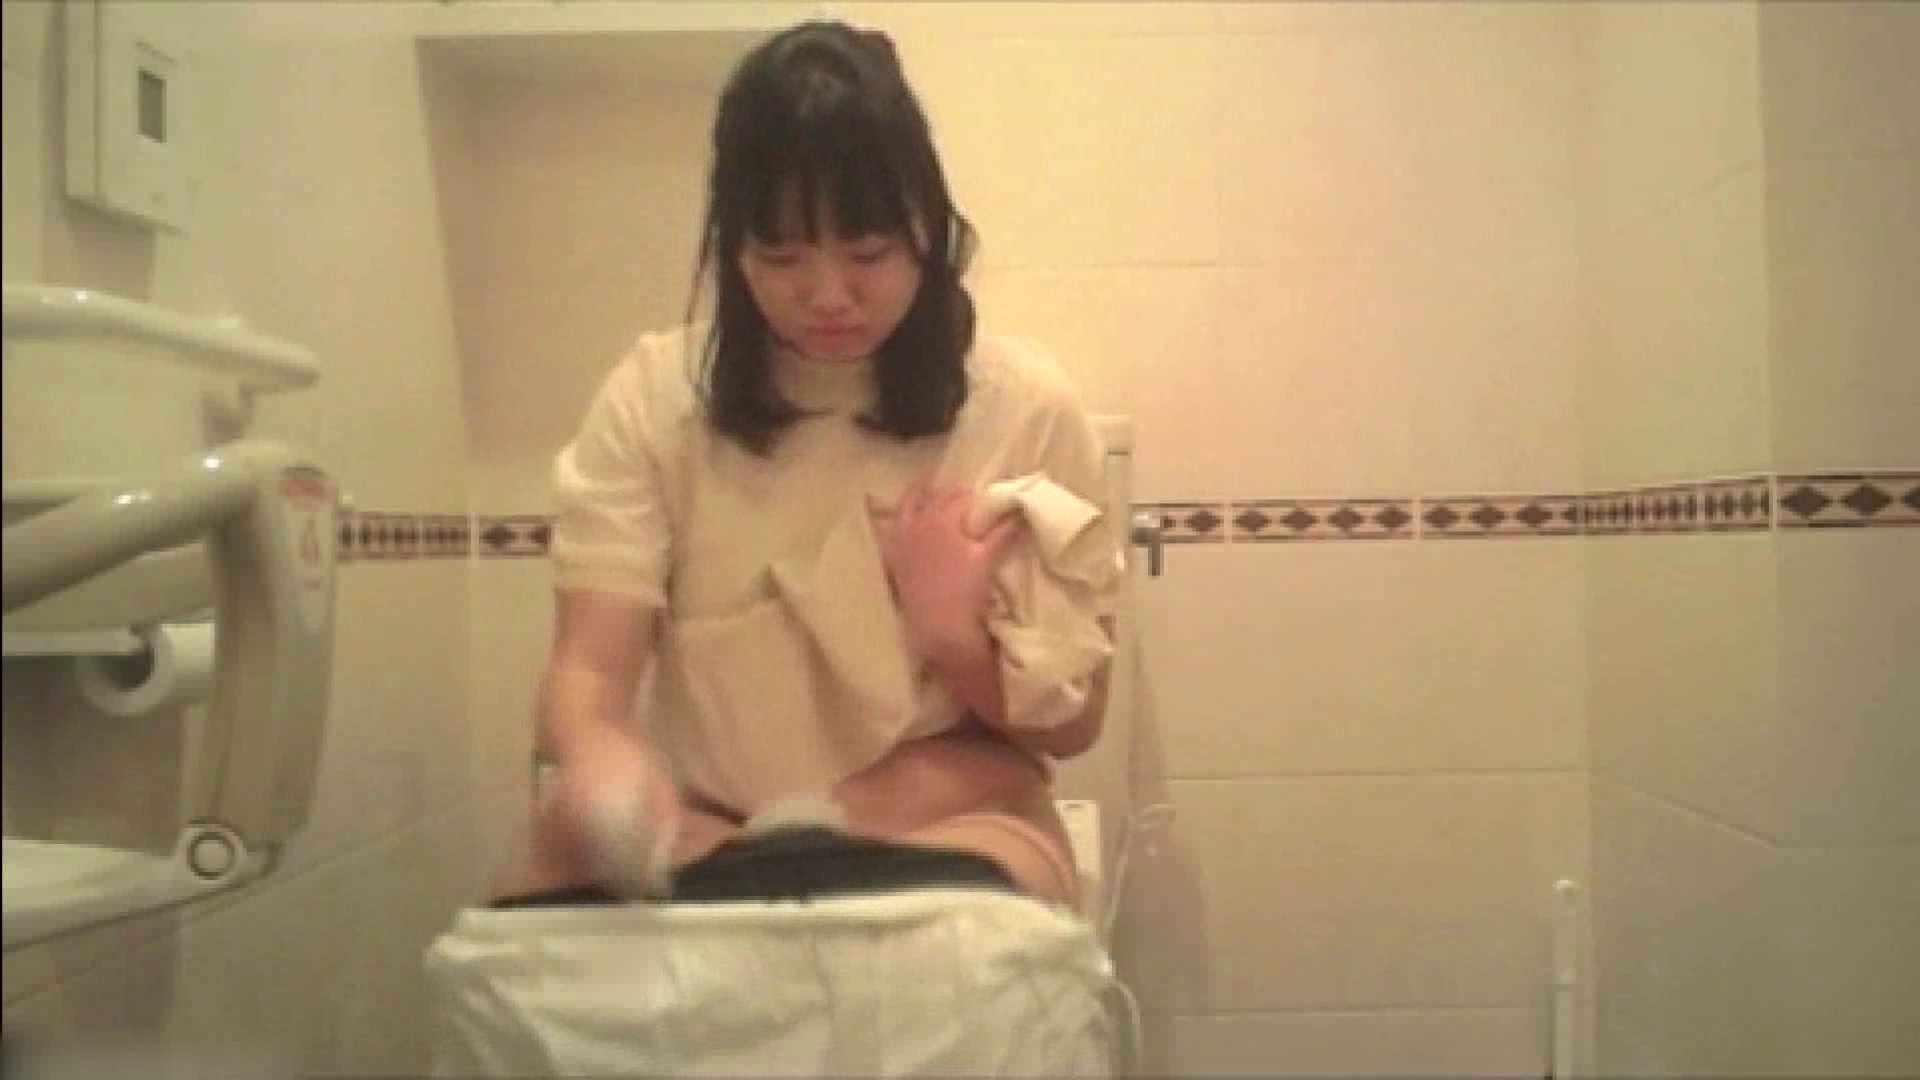 実録!!綺麗なお姉さんのトイレ事情・・・。vol.18 OL  68枚 2